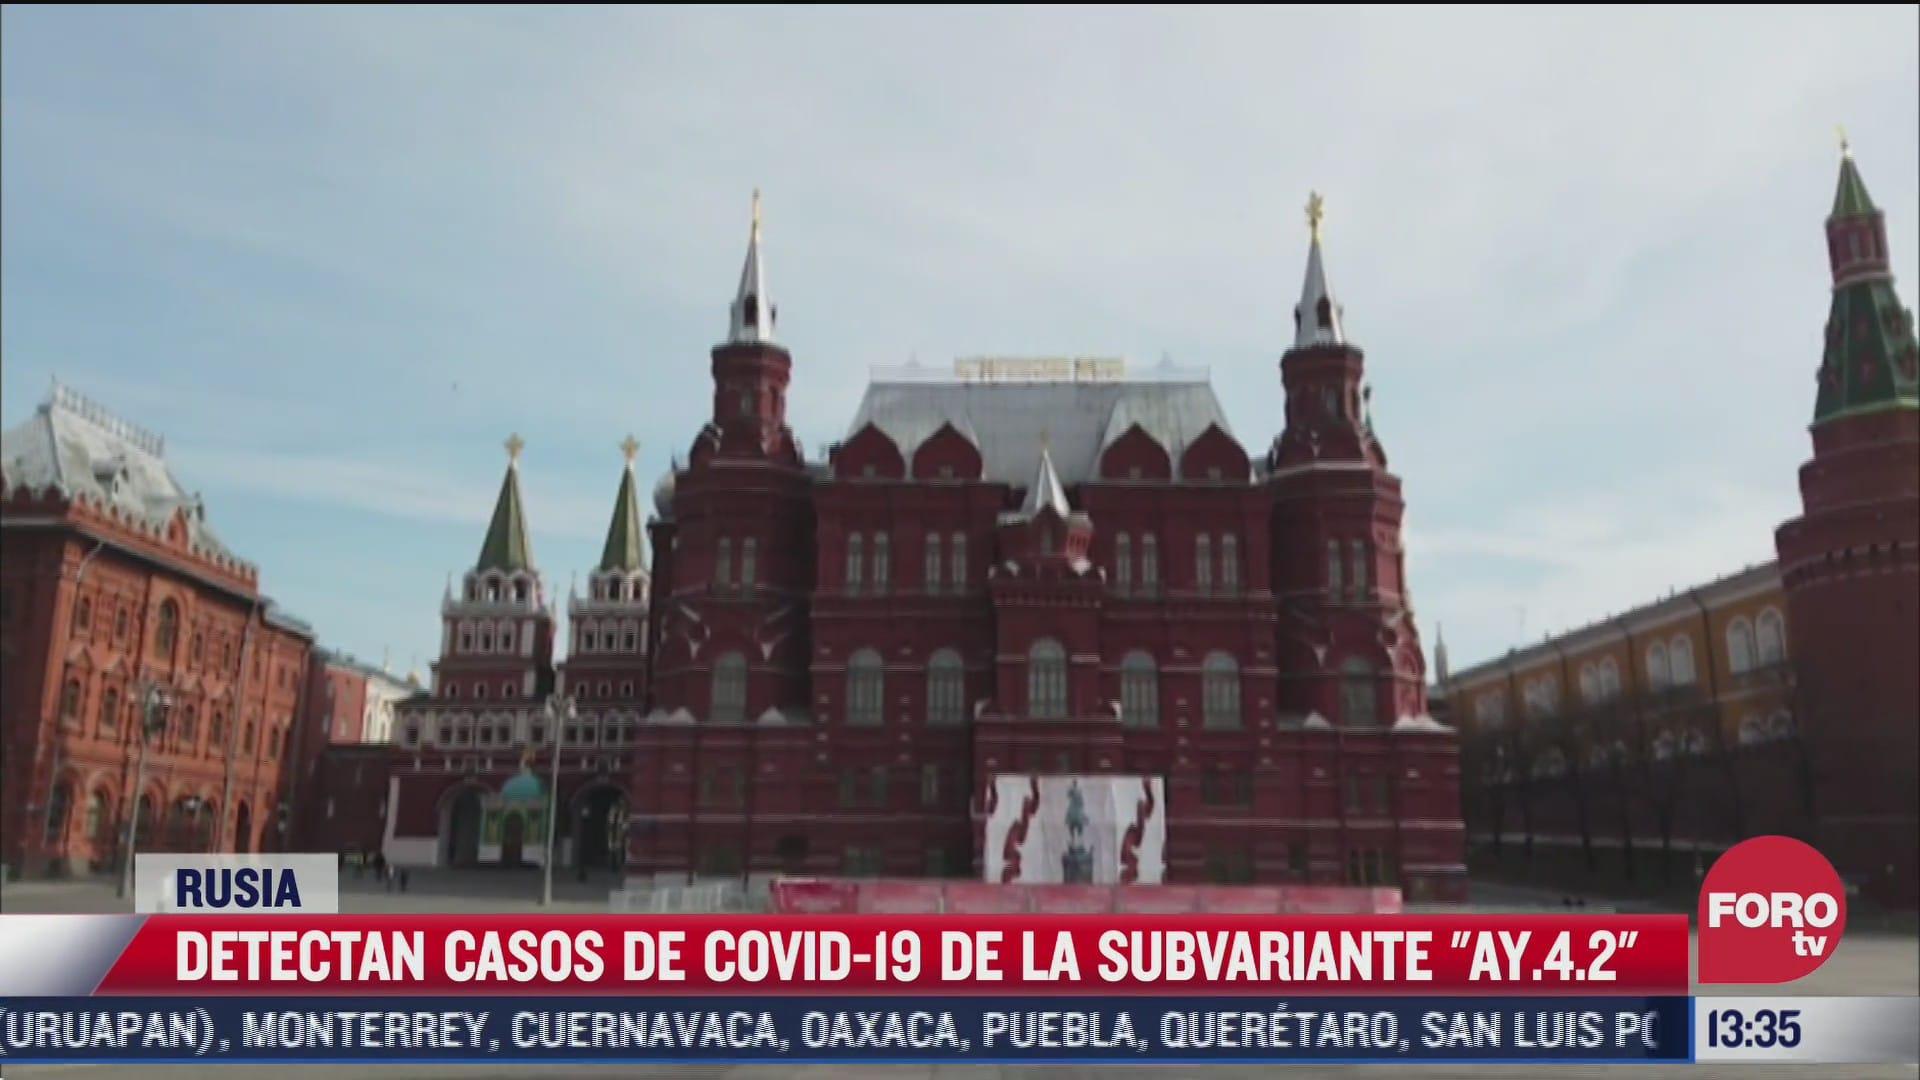 rusia confirma casos relacionados a subvariante delta de covid